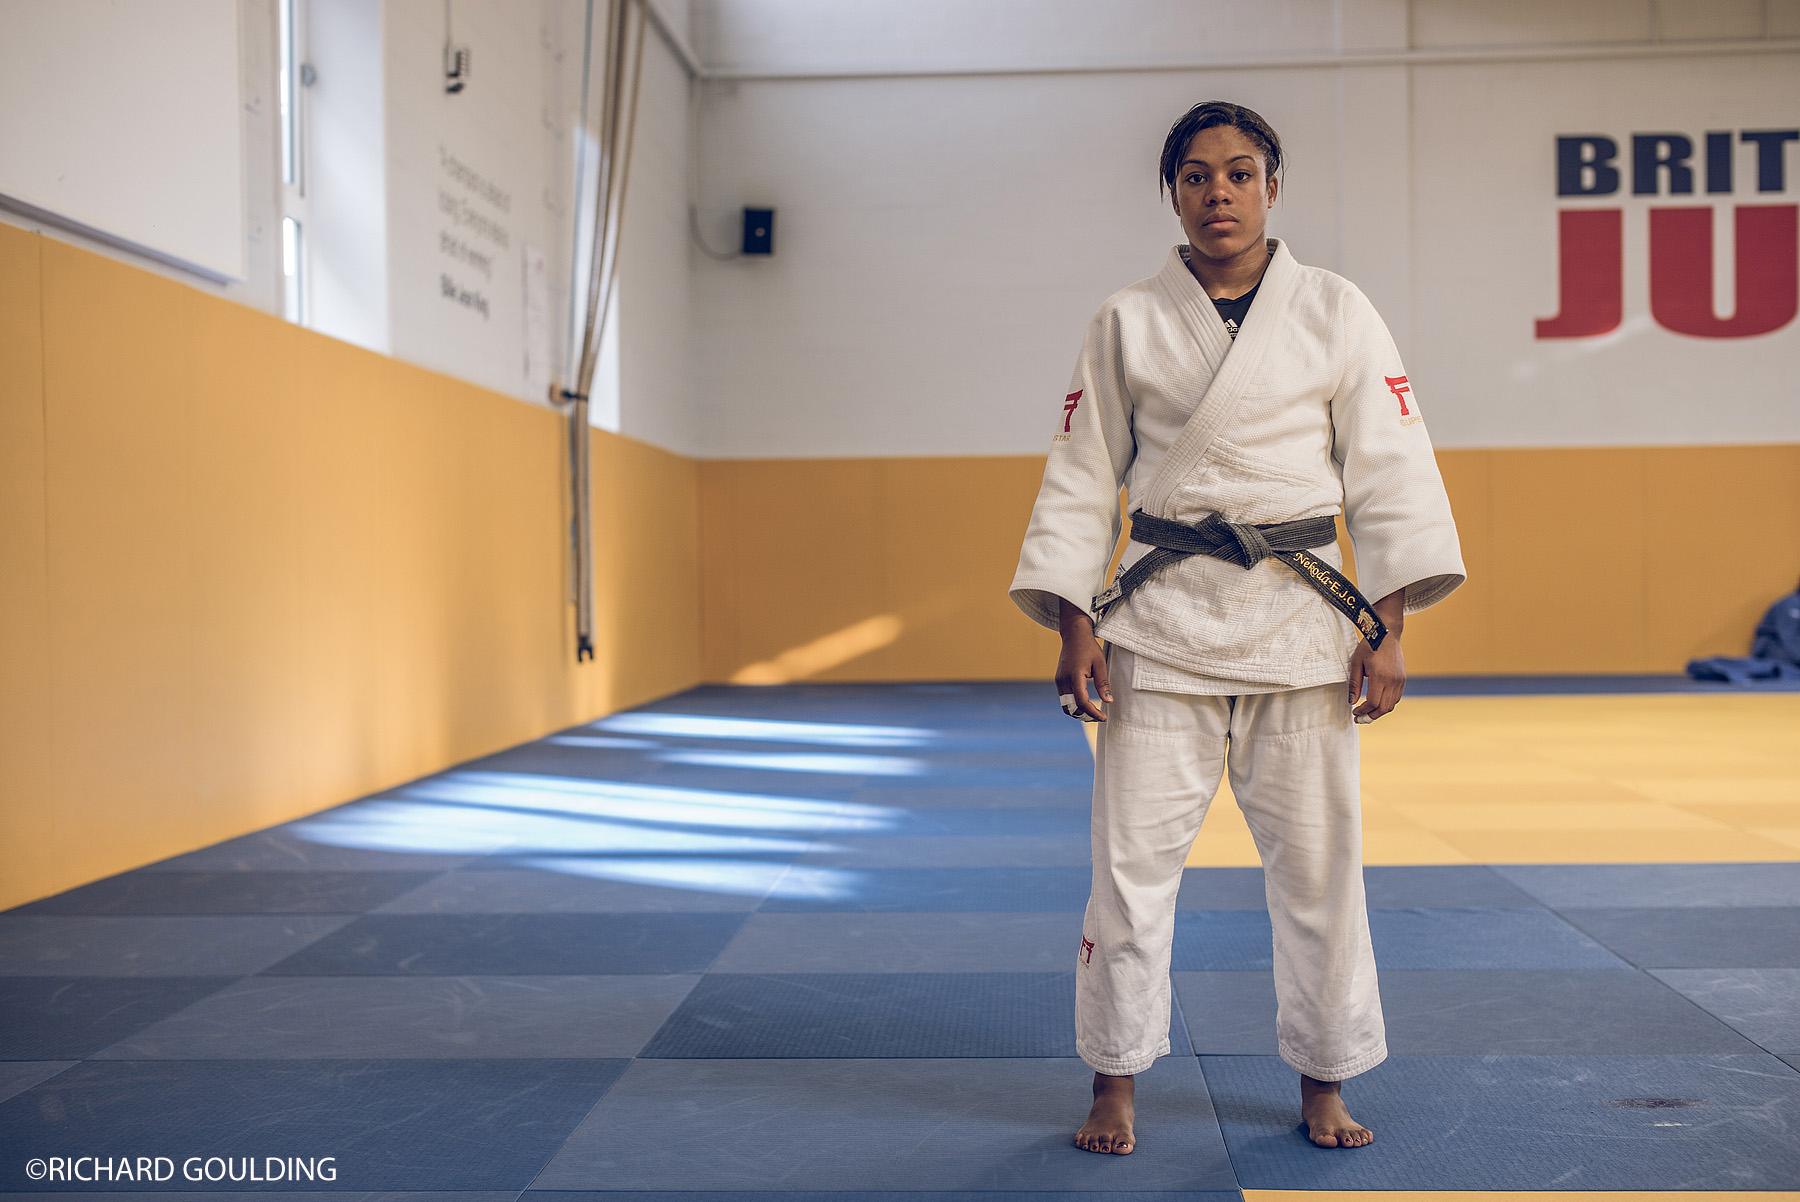 Nekoda Davies, Judo Team GB